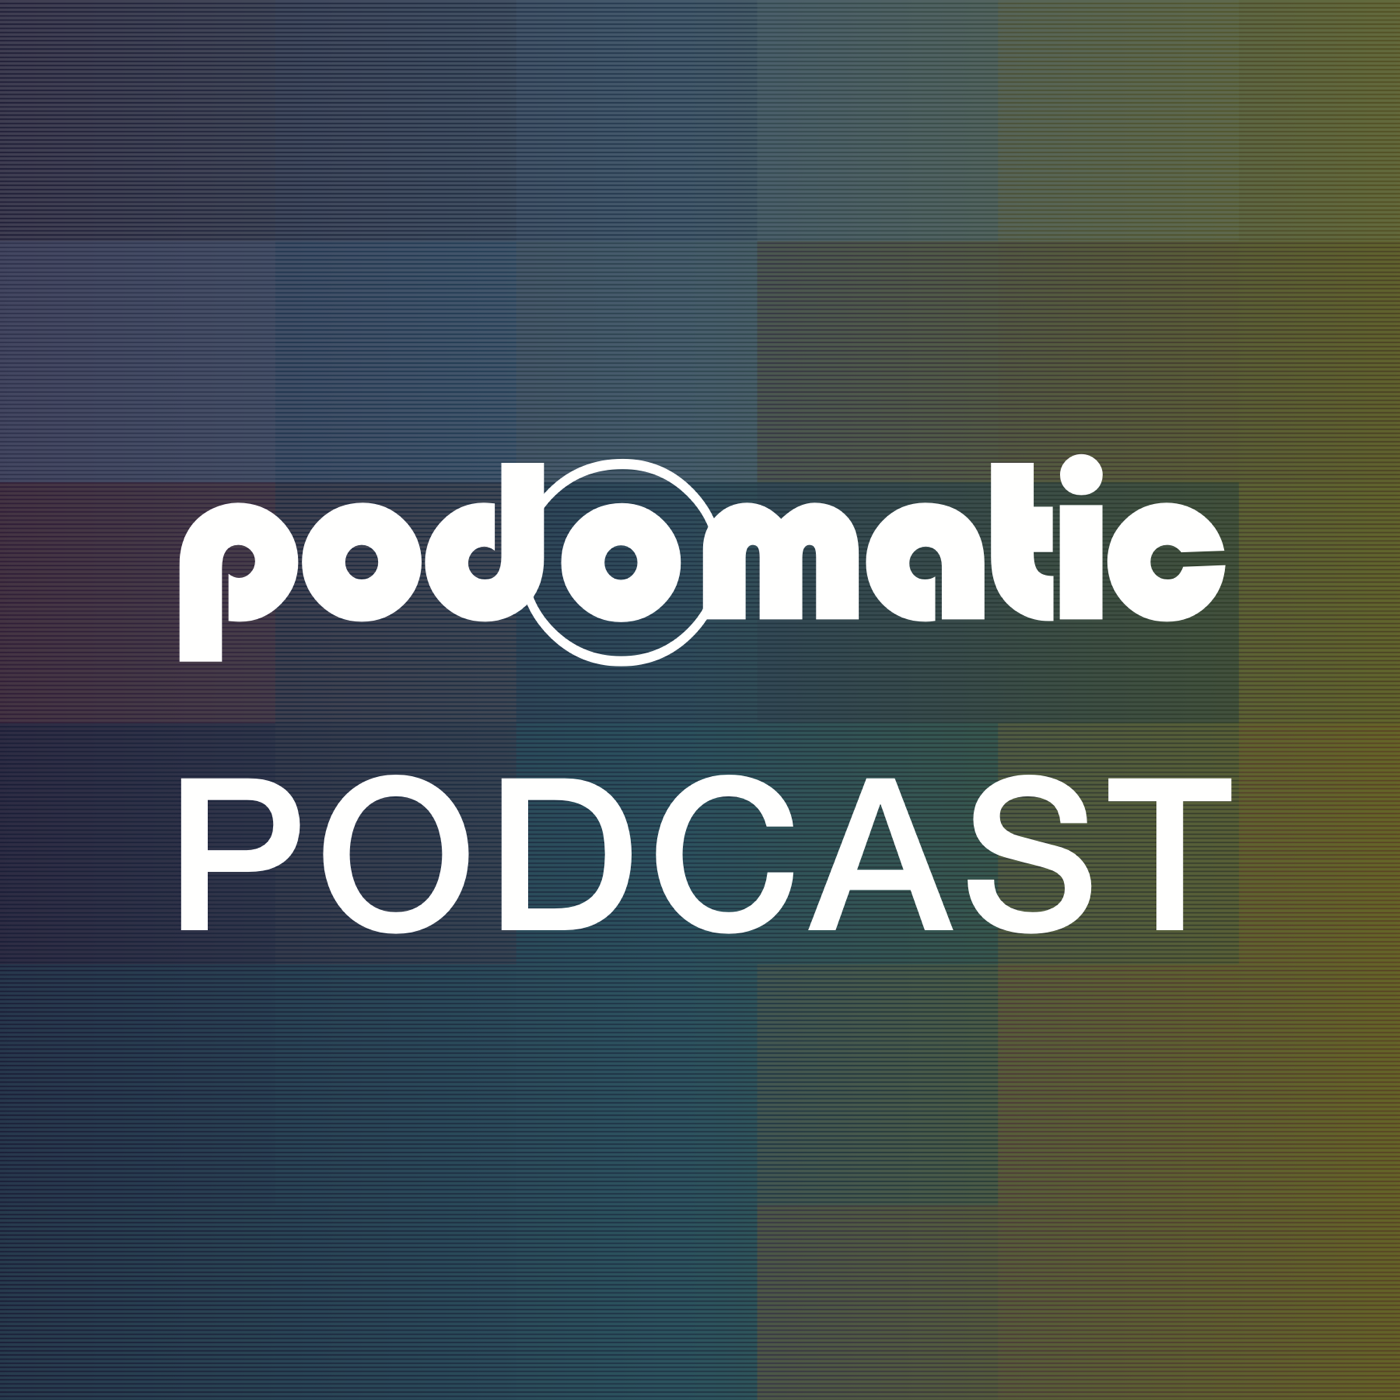 AARON NELIS' Podcast